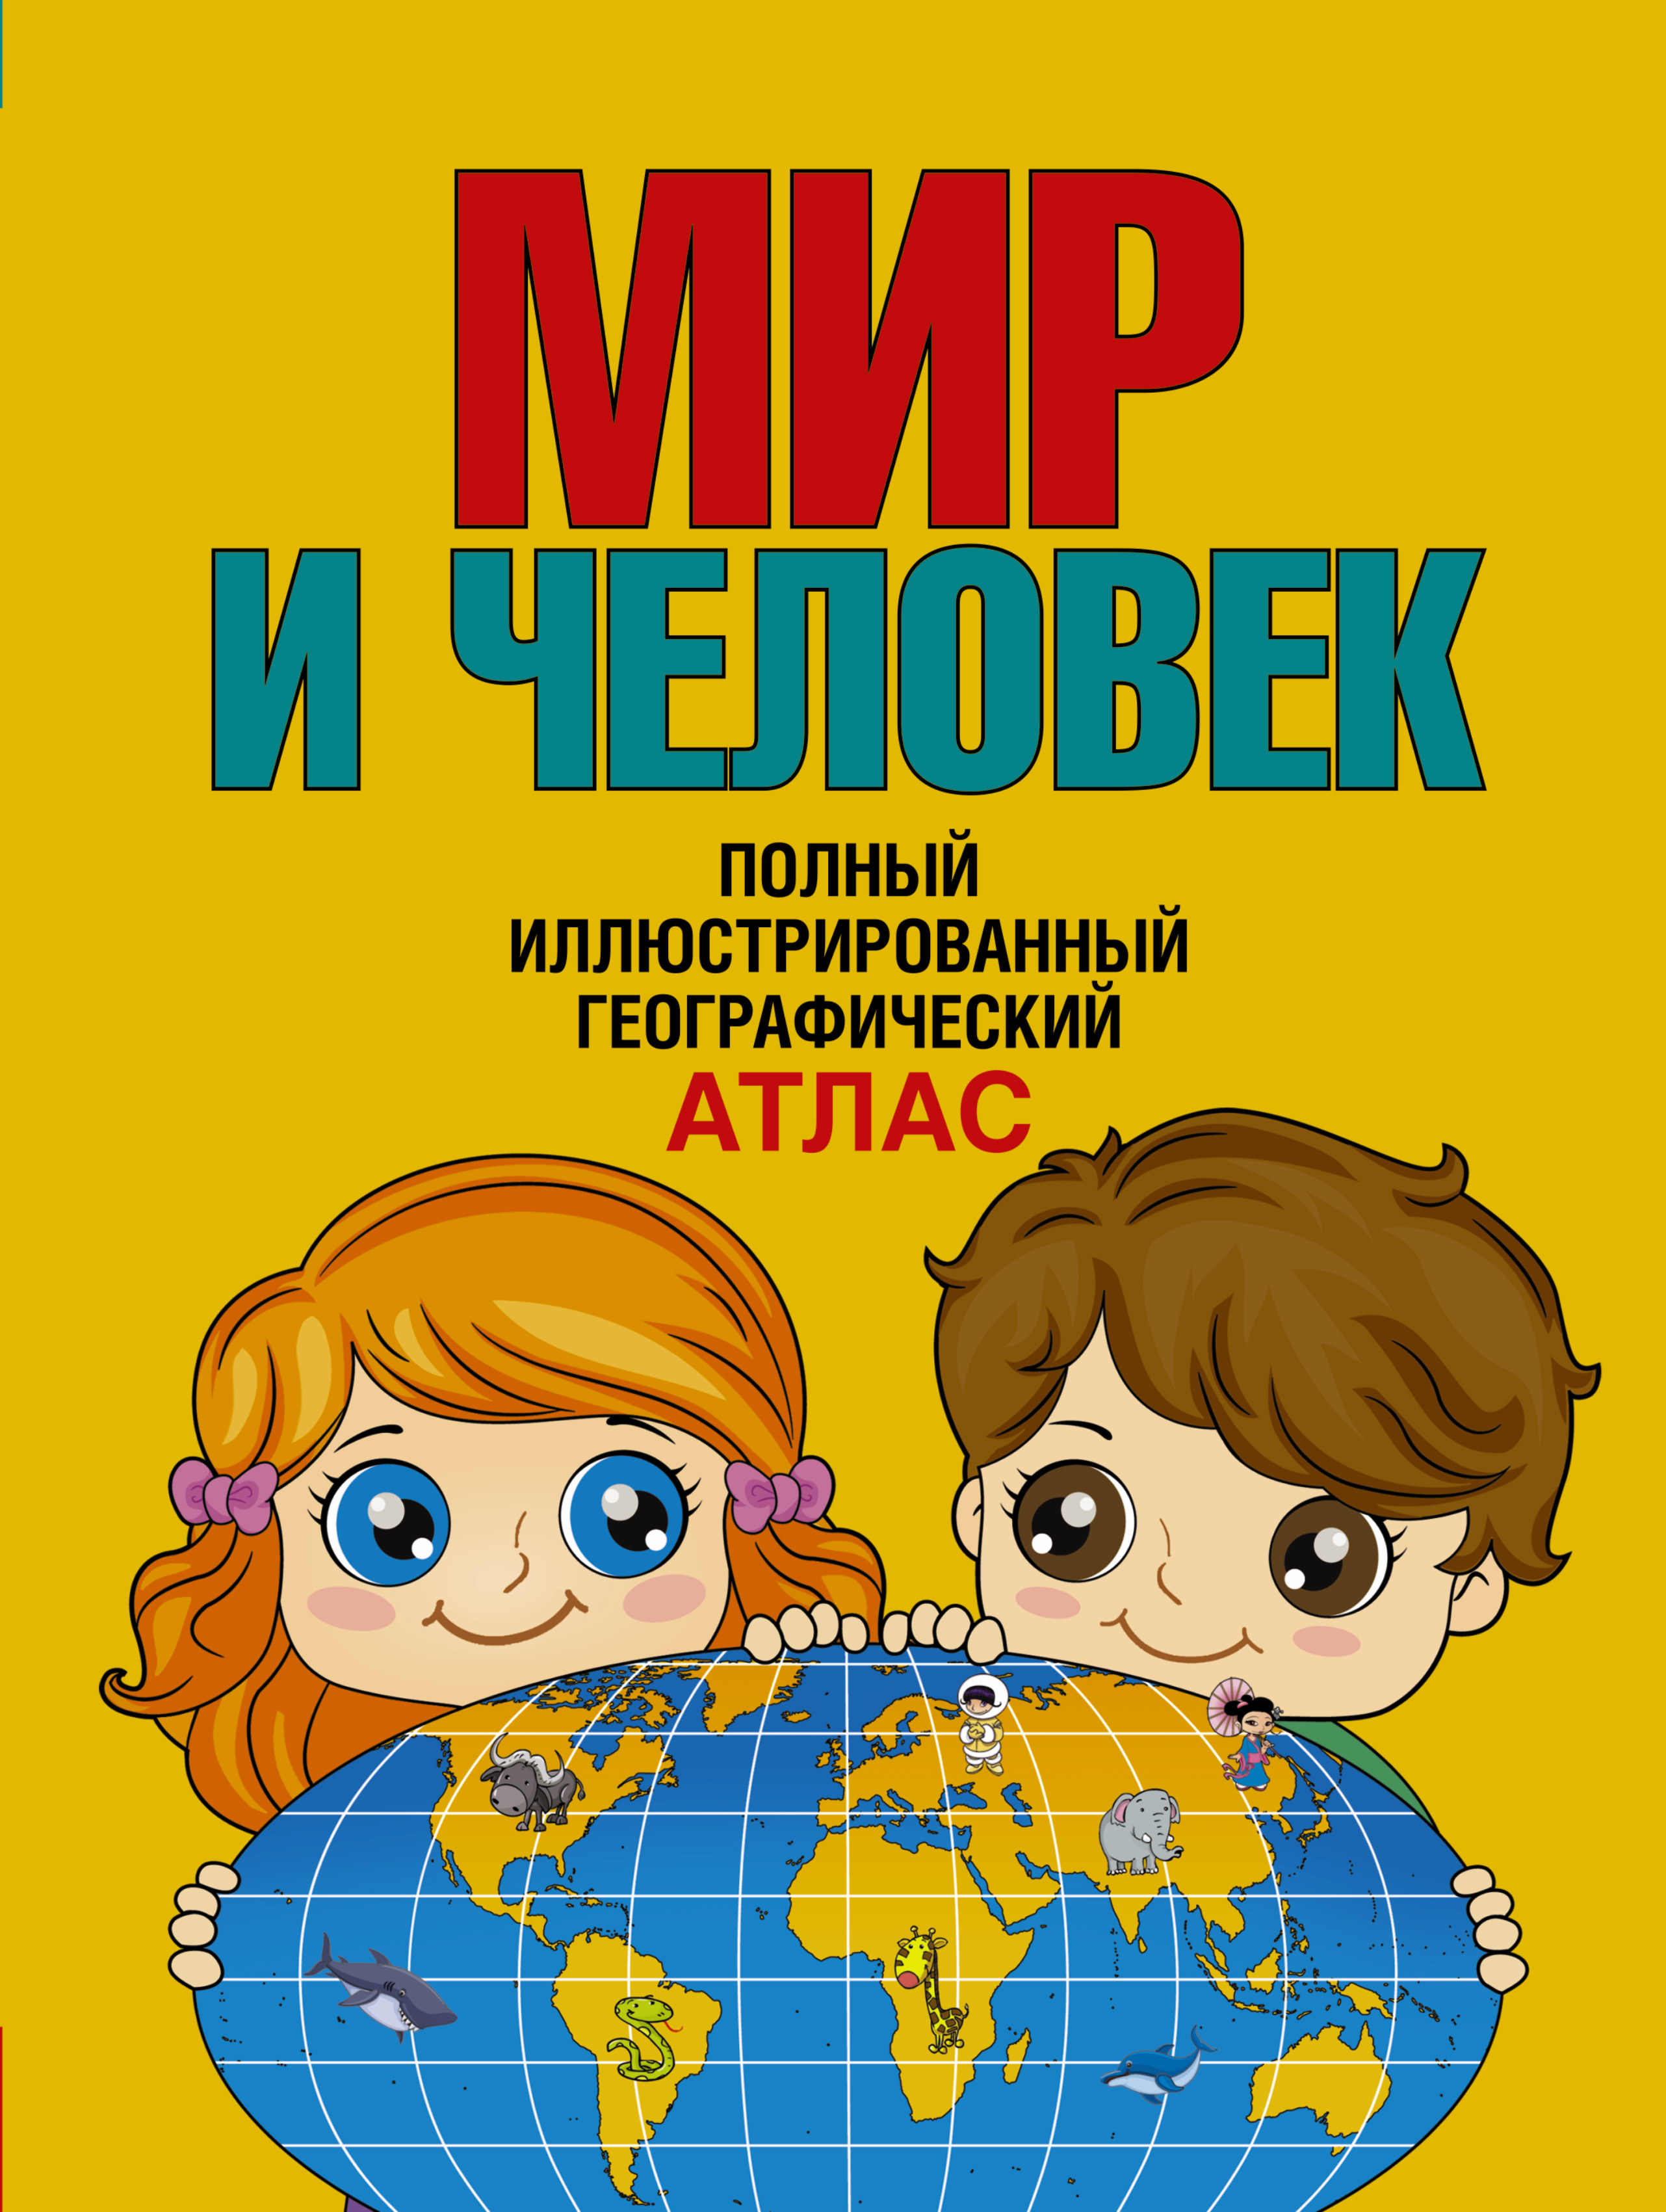 . Мир и человек. Полный иллюстрированный географический атлас старкова о мир и человек полный иллюстрированный географический атлас